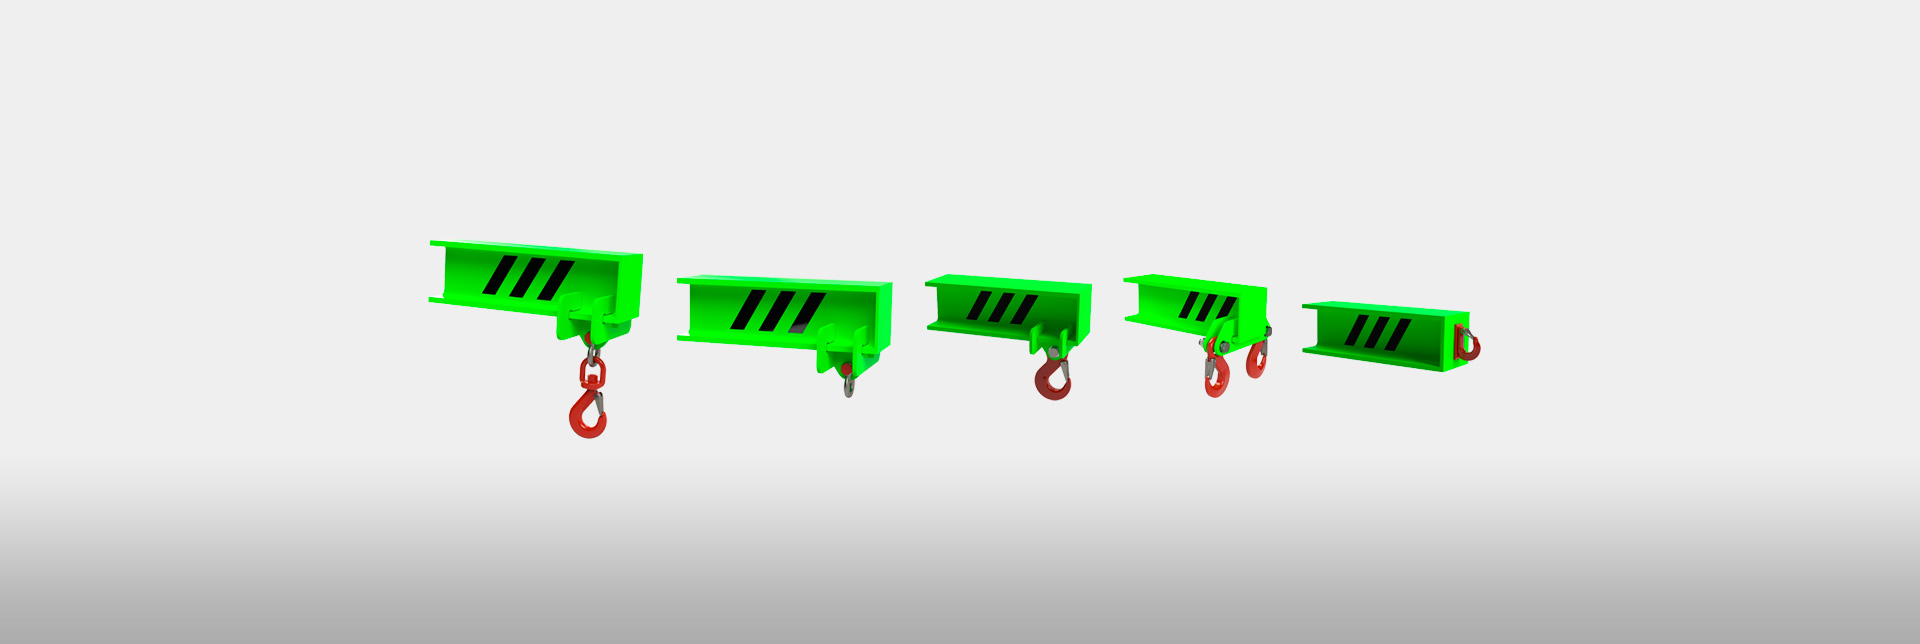 slide2-balancinmonoviga